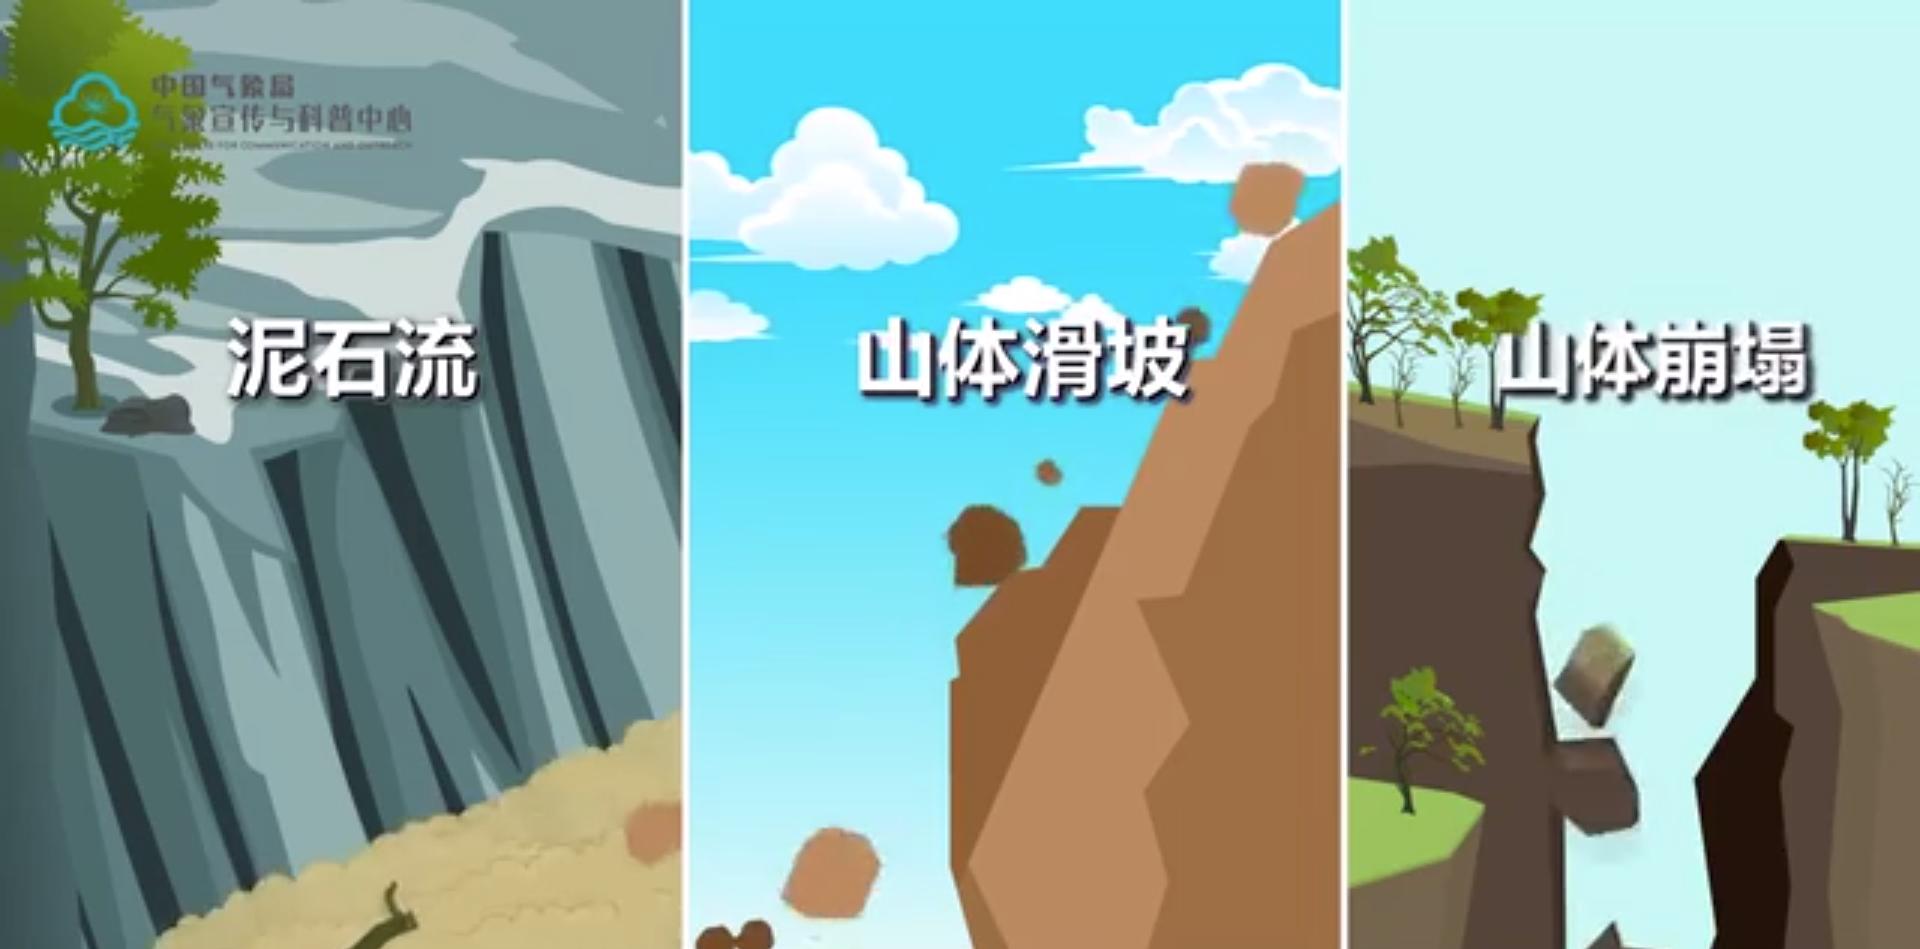 遇到山洪地质灾害如何逃生?